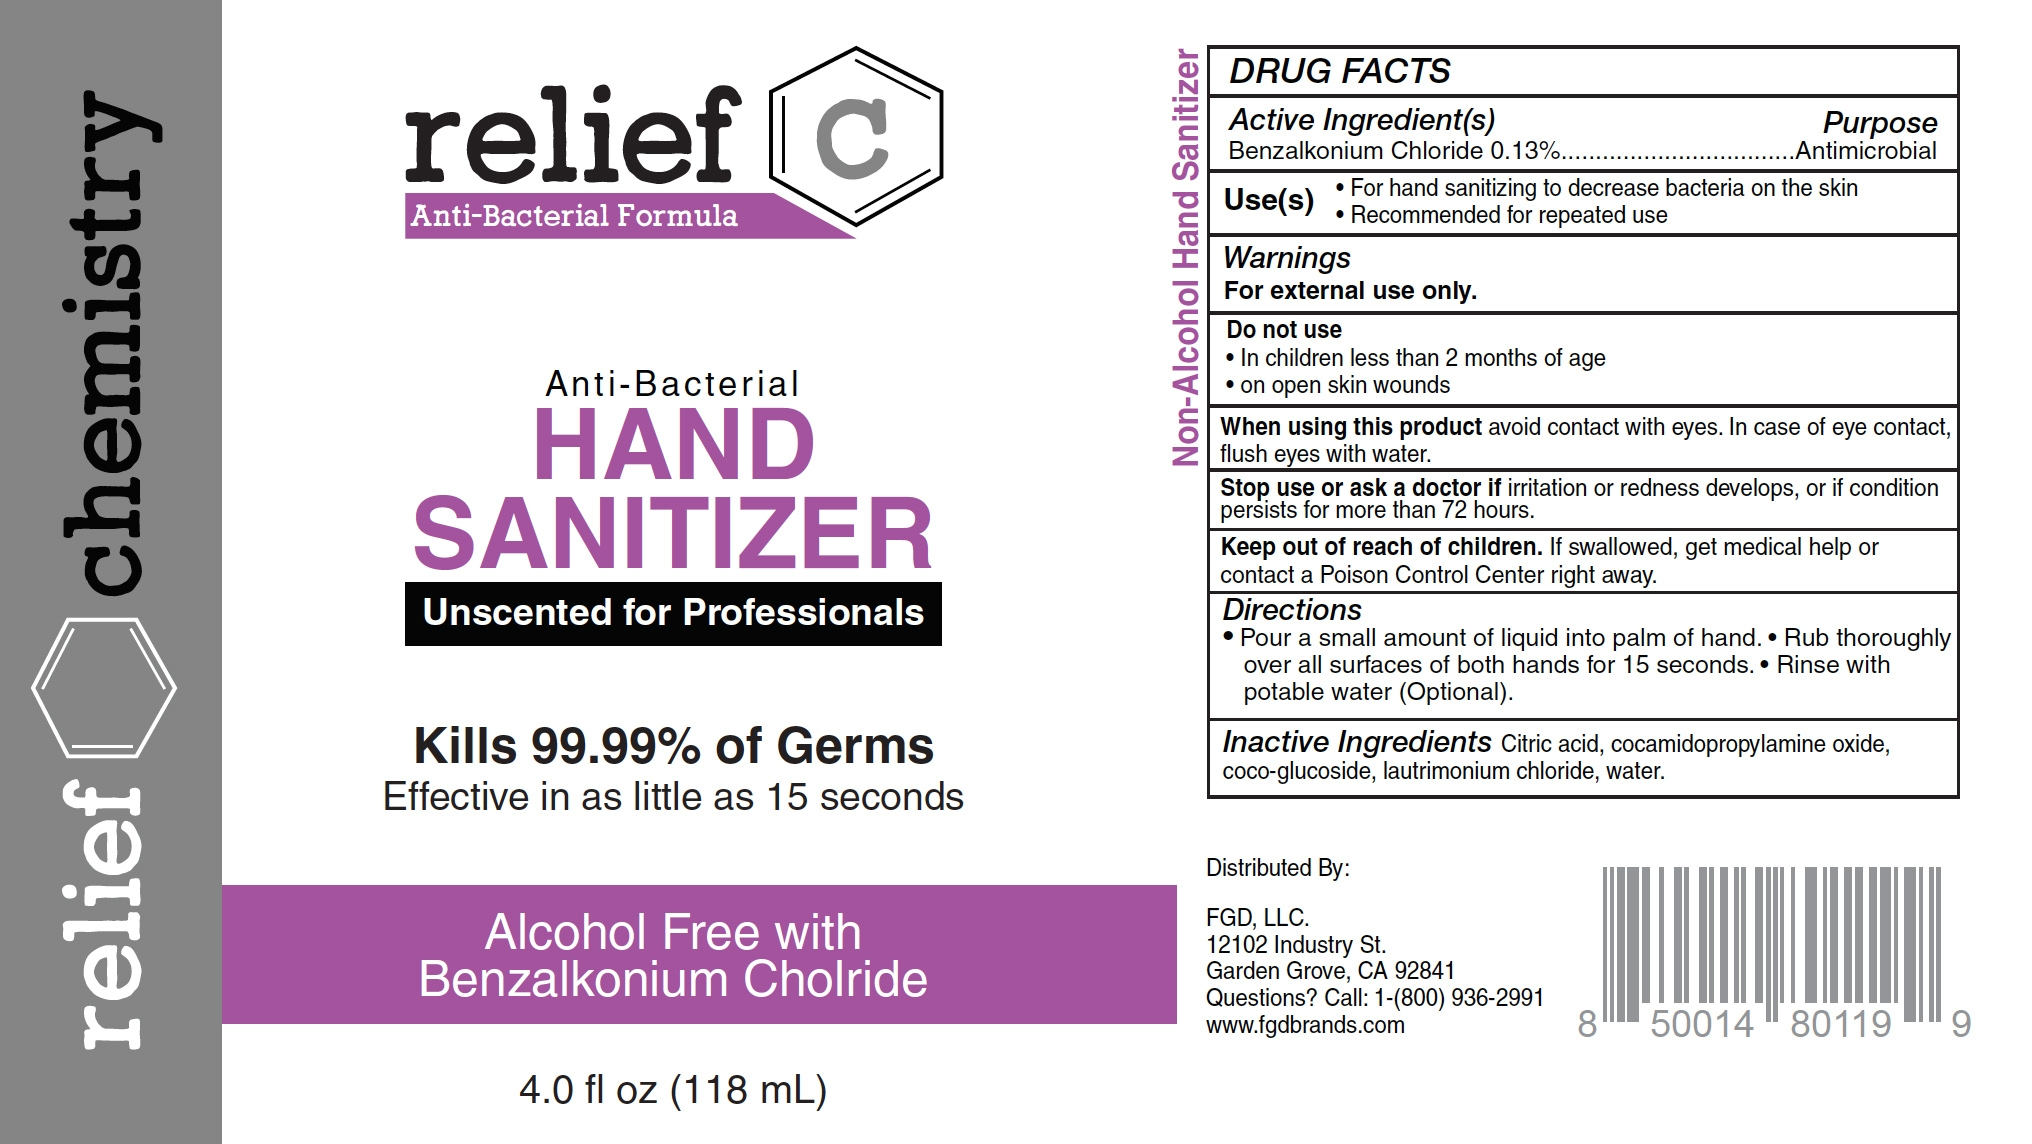 relief c hand sanitizer 4 oz